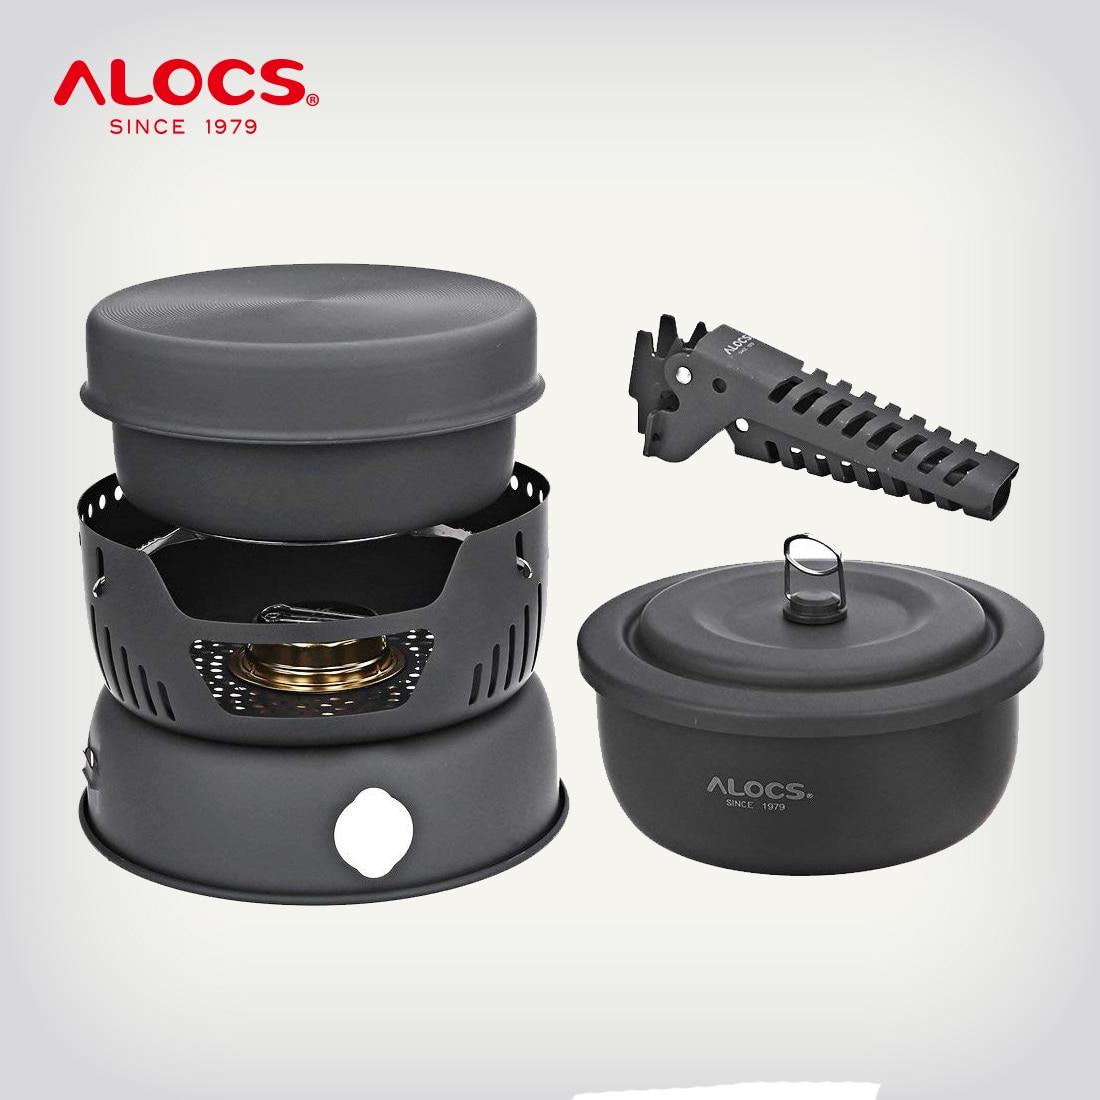 ALOCS Conjunto CW-C05 10 Peças Ao Ar Livre Camping Caminhadas Piquenique Cozinha Conjunto Utensílio Fogão A Álcool Espírito Queimador Fogão Pote Brisa